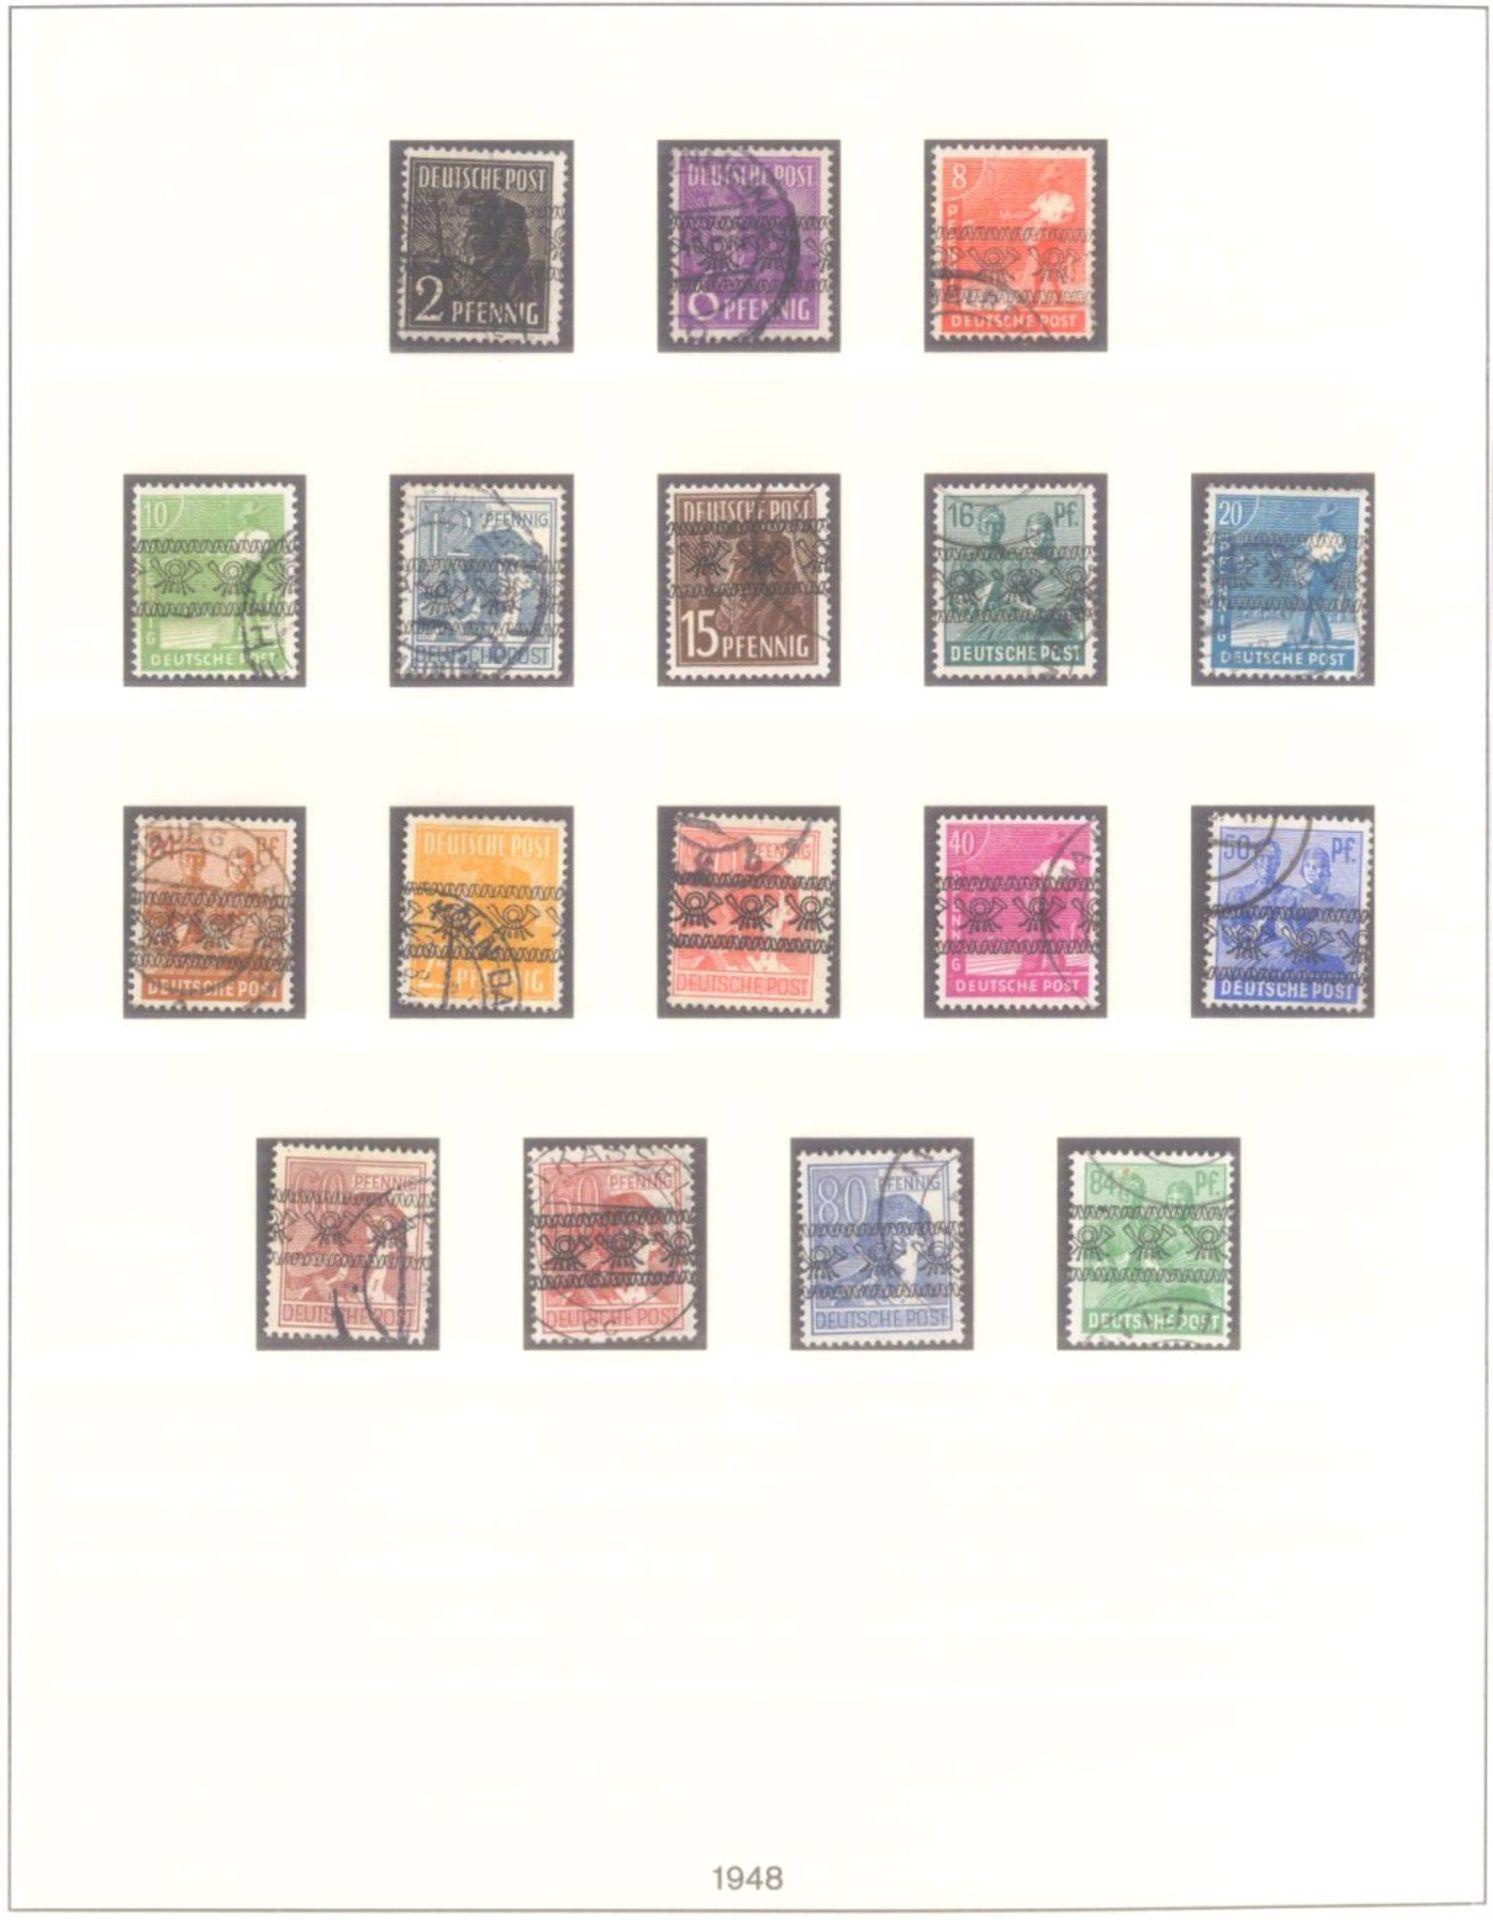 Sammlung Alliierte BesetzungAmerikanische und Britische Zone, AM Post (auch hohe Werte),sowie - Bild 4 aus 12